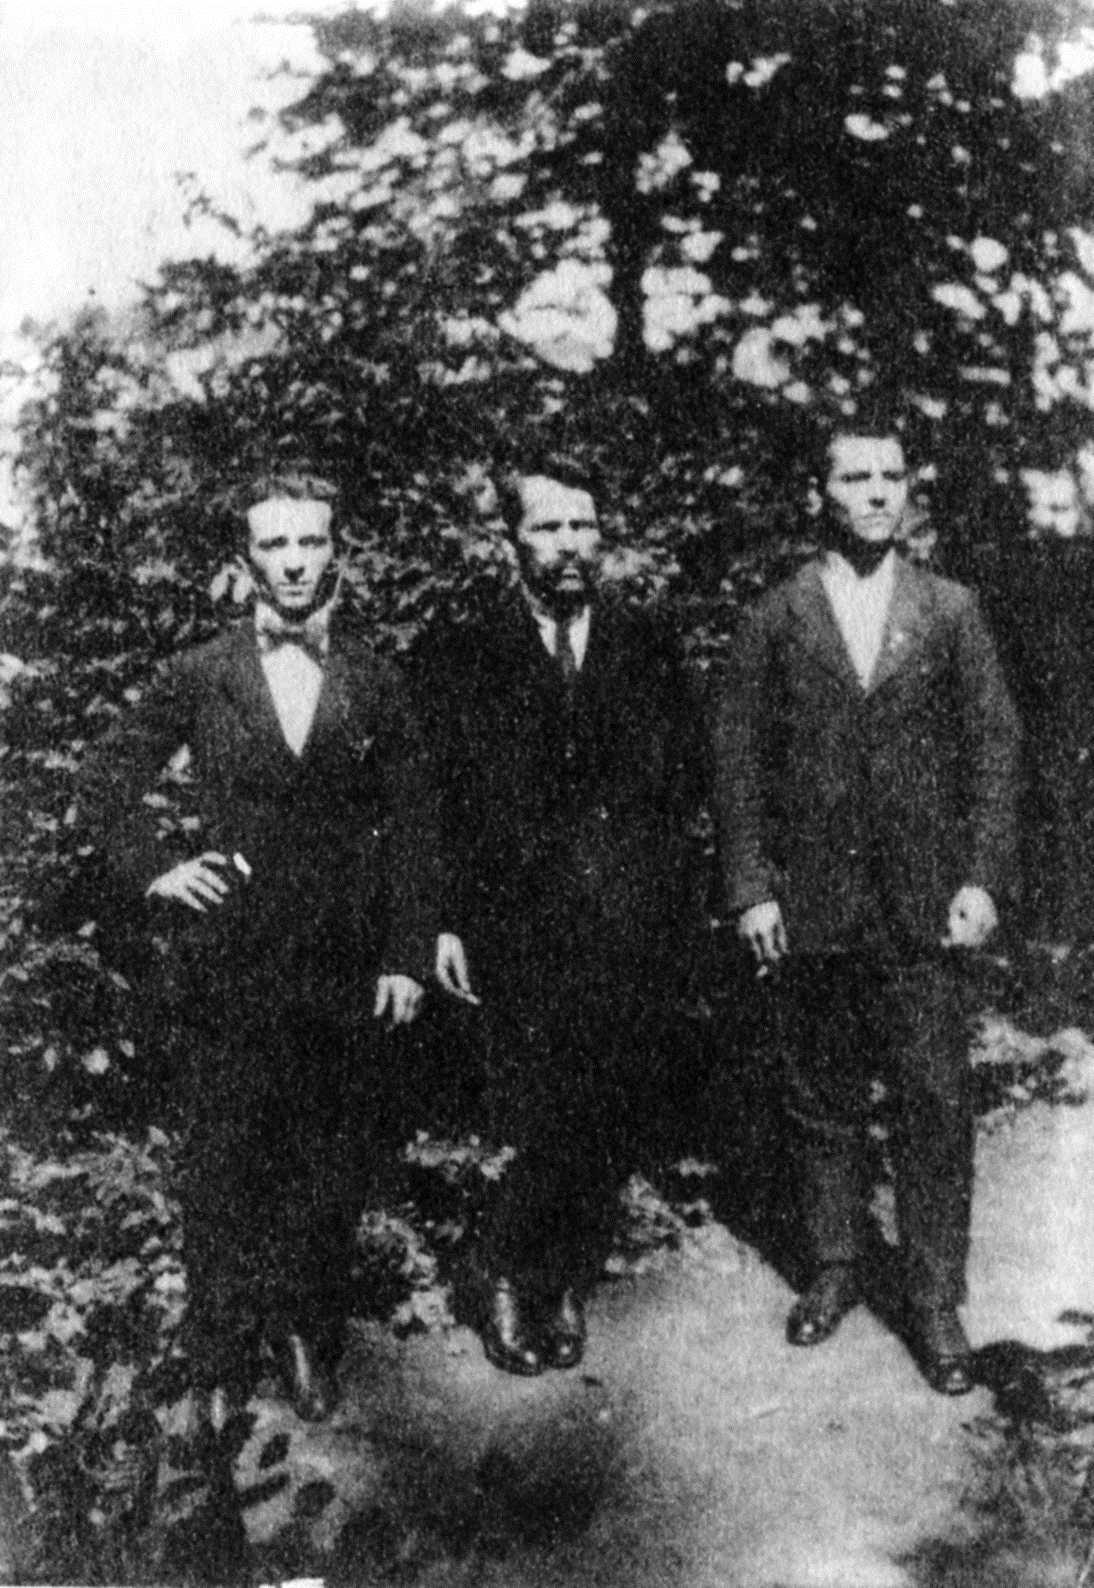 D'esquerra a dreta: Raffaele Puddu, Mameli Steverino i Paolo Puddu. Foto realitzada per Tomaso Serra a Mont-Saint-Martin (Xampanya-Ardenes, França)